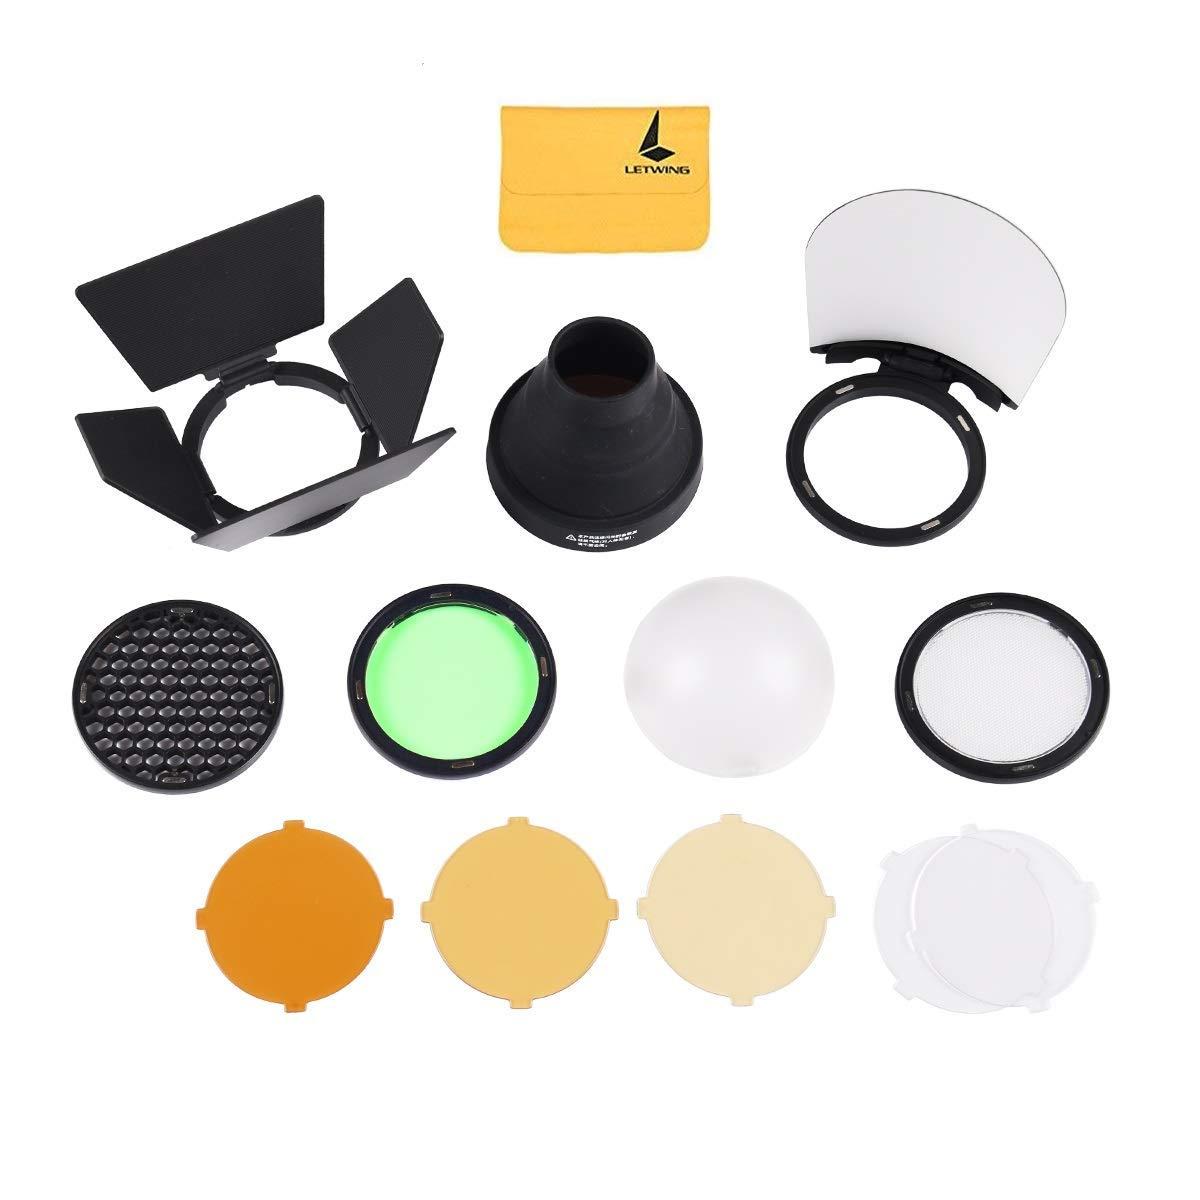 Godox AK-R1 Pocket Flash Light Accessories Kit for Godox H200R,Godox AD200 Accessories by Godox (Image #2)